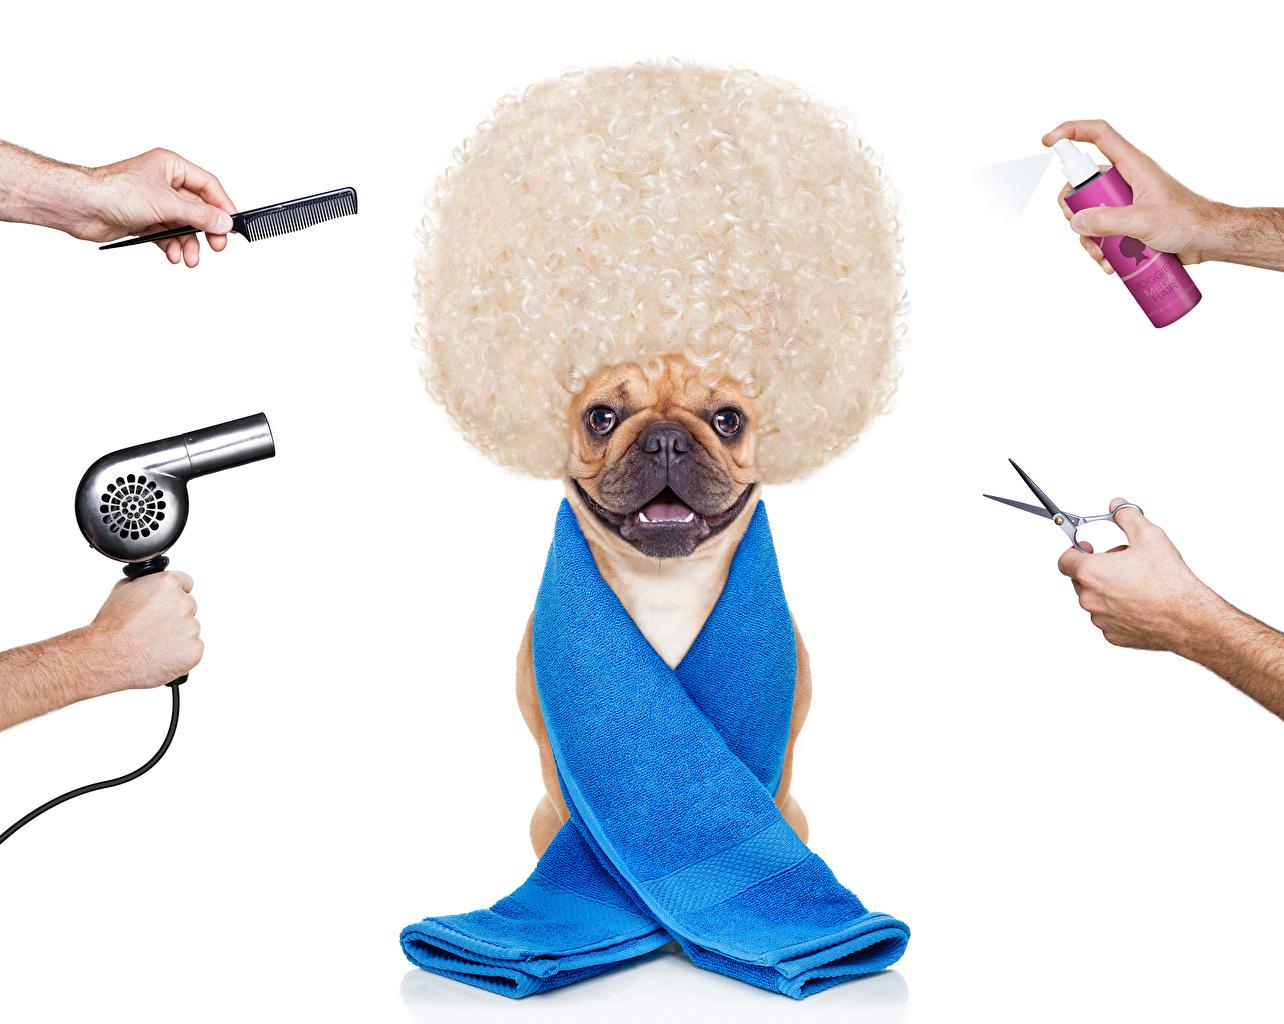 Обои бульдога Собаки волос оригинальные Руки Полотенце Животные Белый фон Бульдог собака Волосы Креатив рука животное белом фоне белым фоном